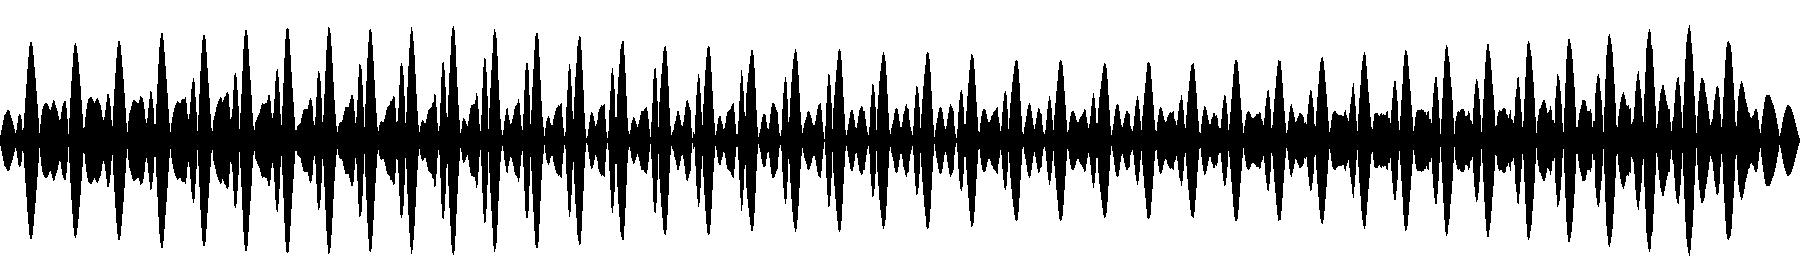 gia sound 21 g3